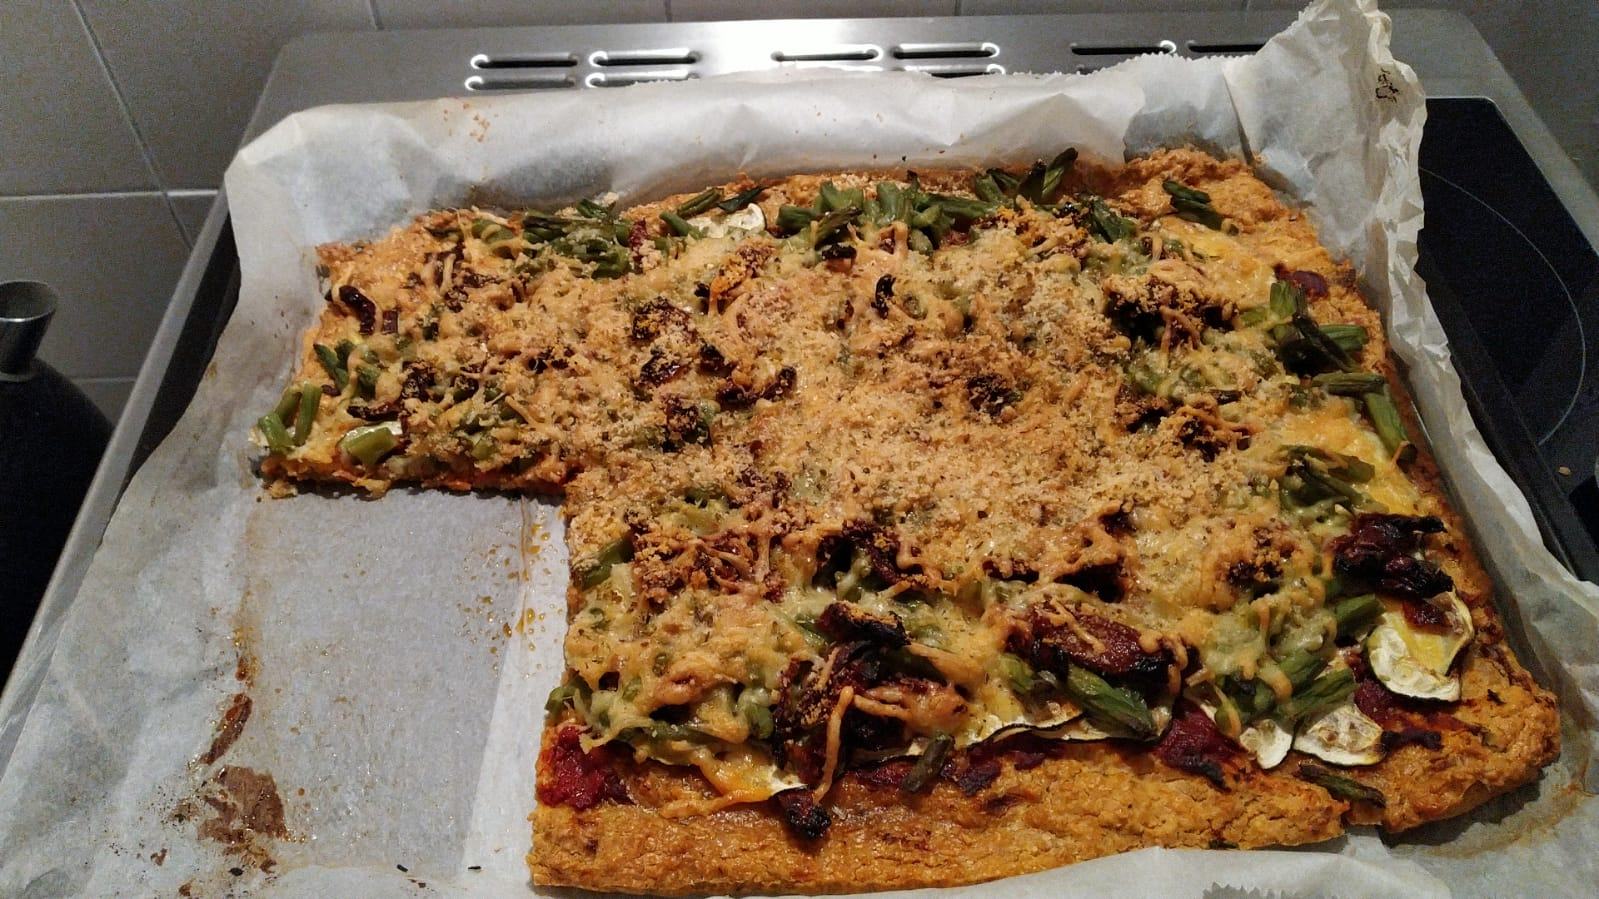 Je bekijkt nu Havermout pizza met veel groente